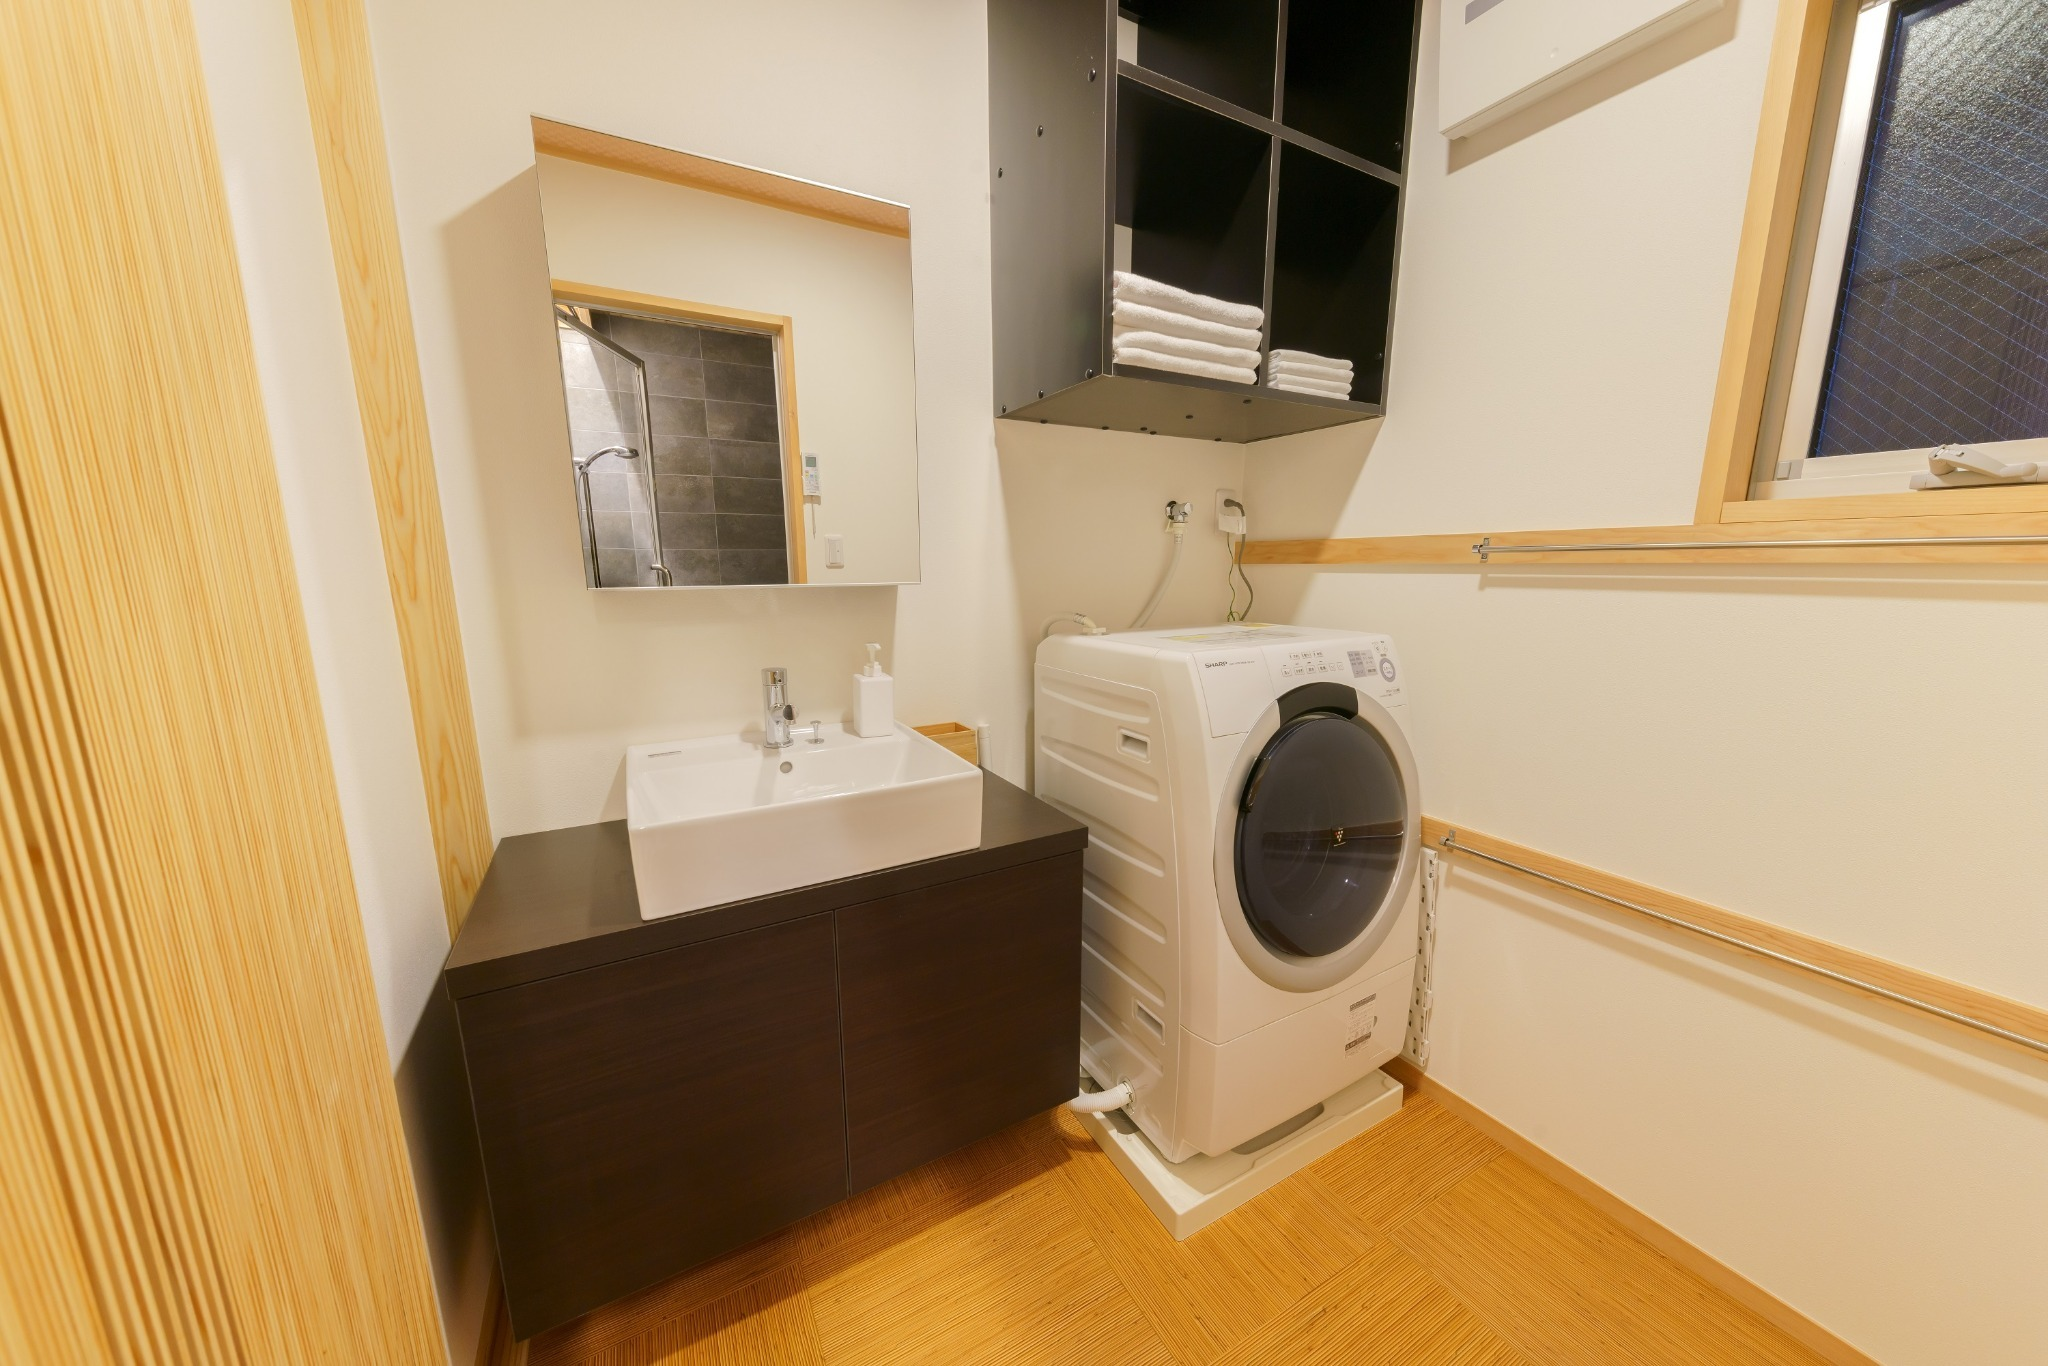 脱衣室 ドラム式洗濯乾燥機